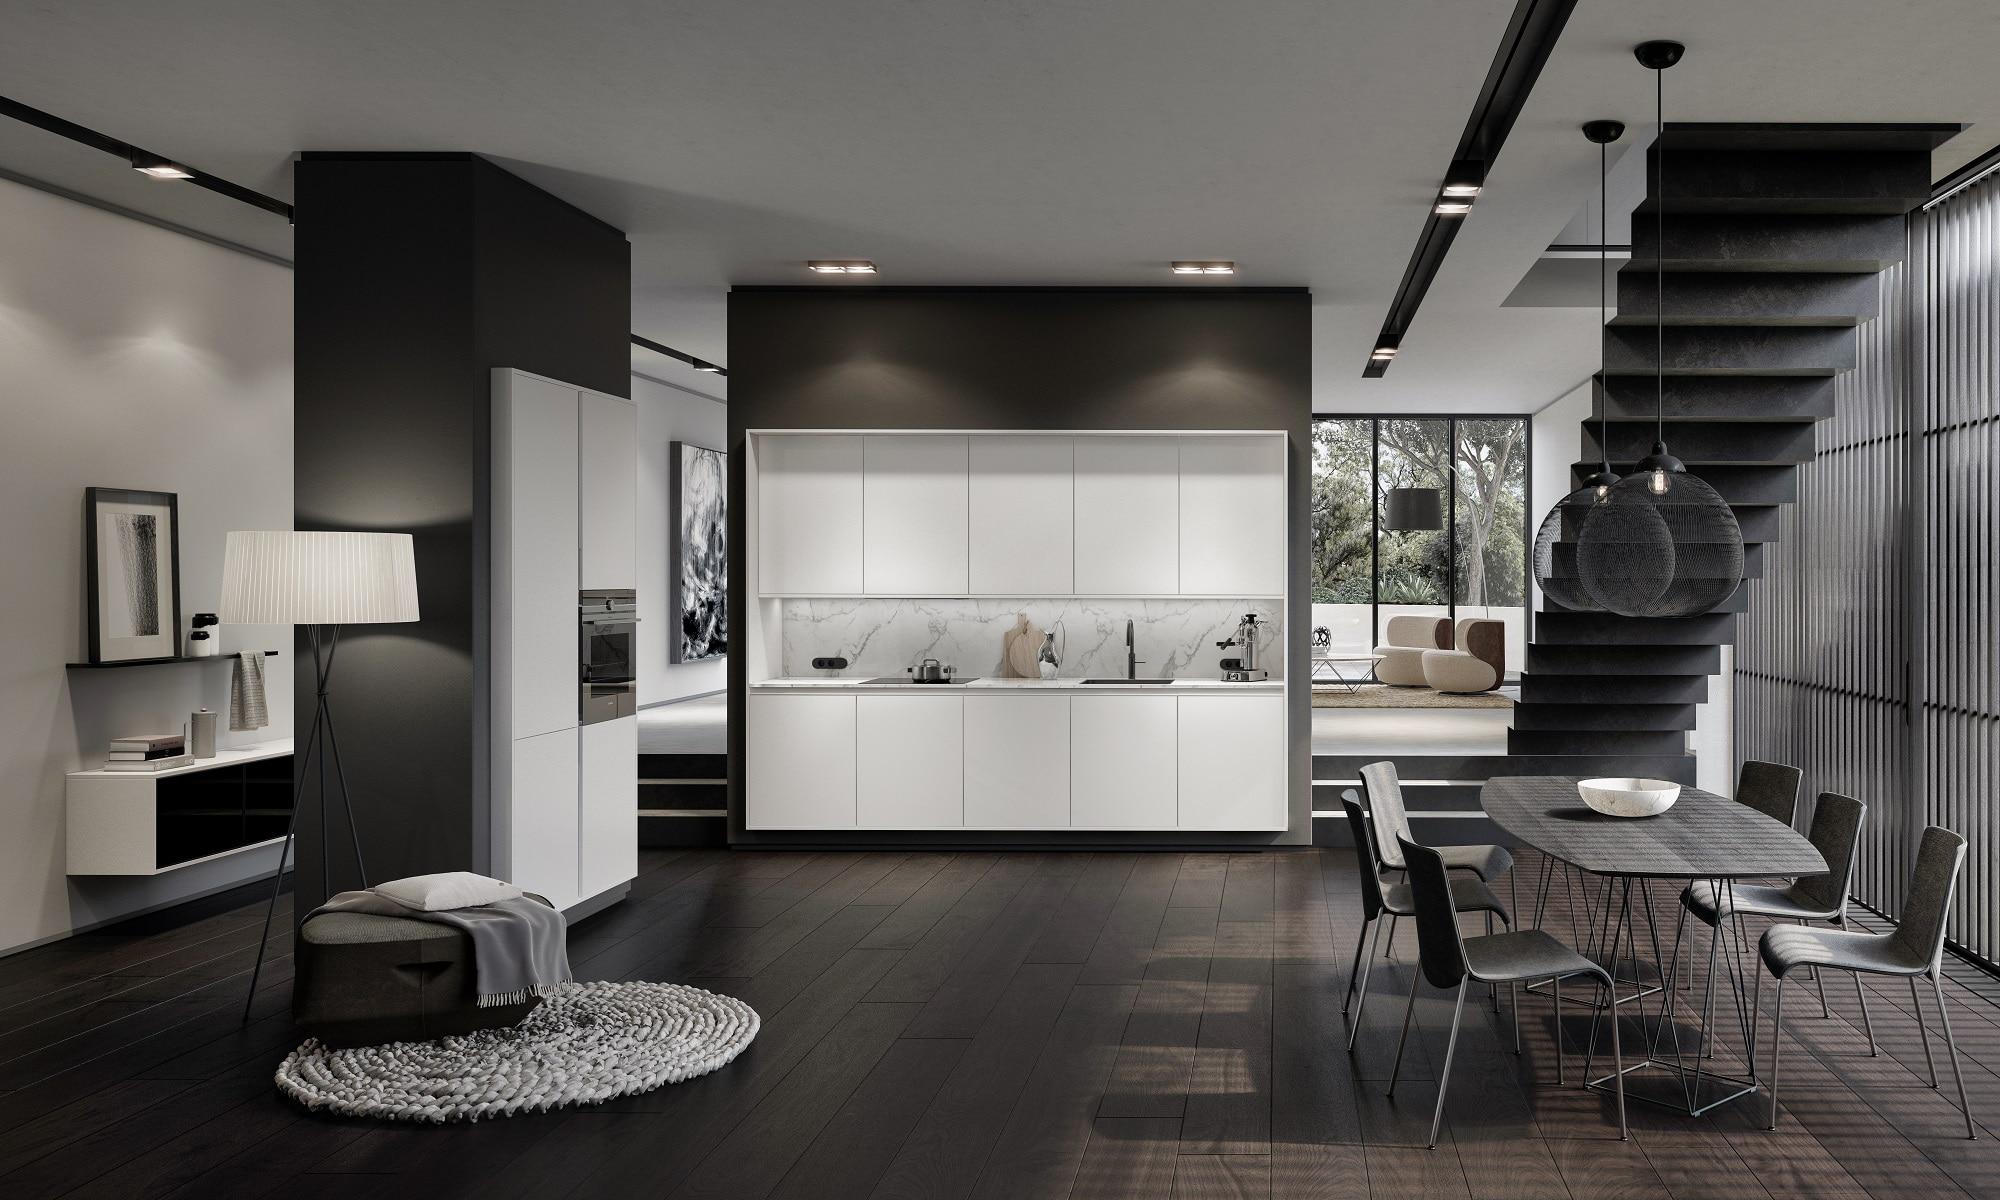 das siematic frame design symbiose zwischen m bel und architektur. Black Bedroom Furniture Sets. Home Design Ideas